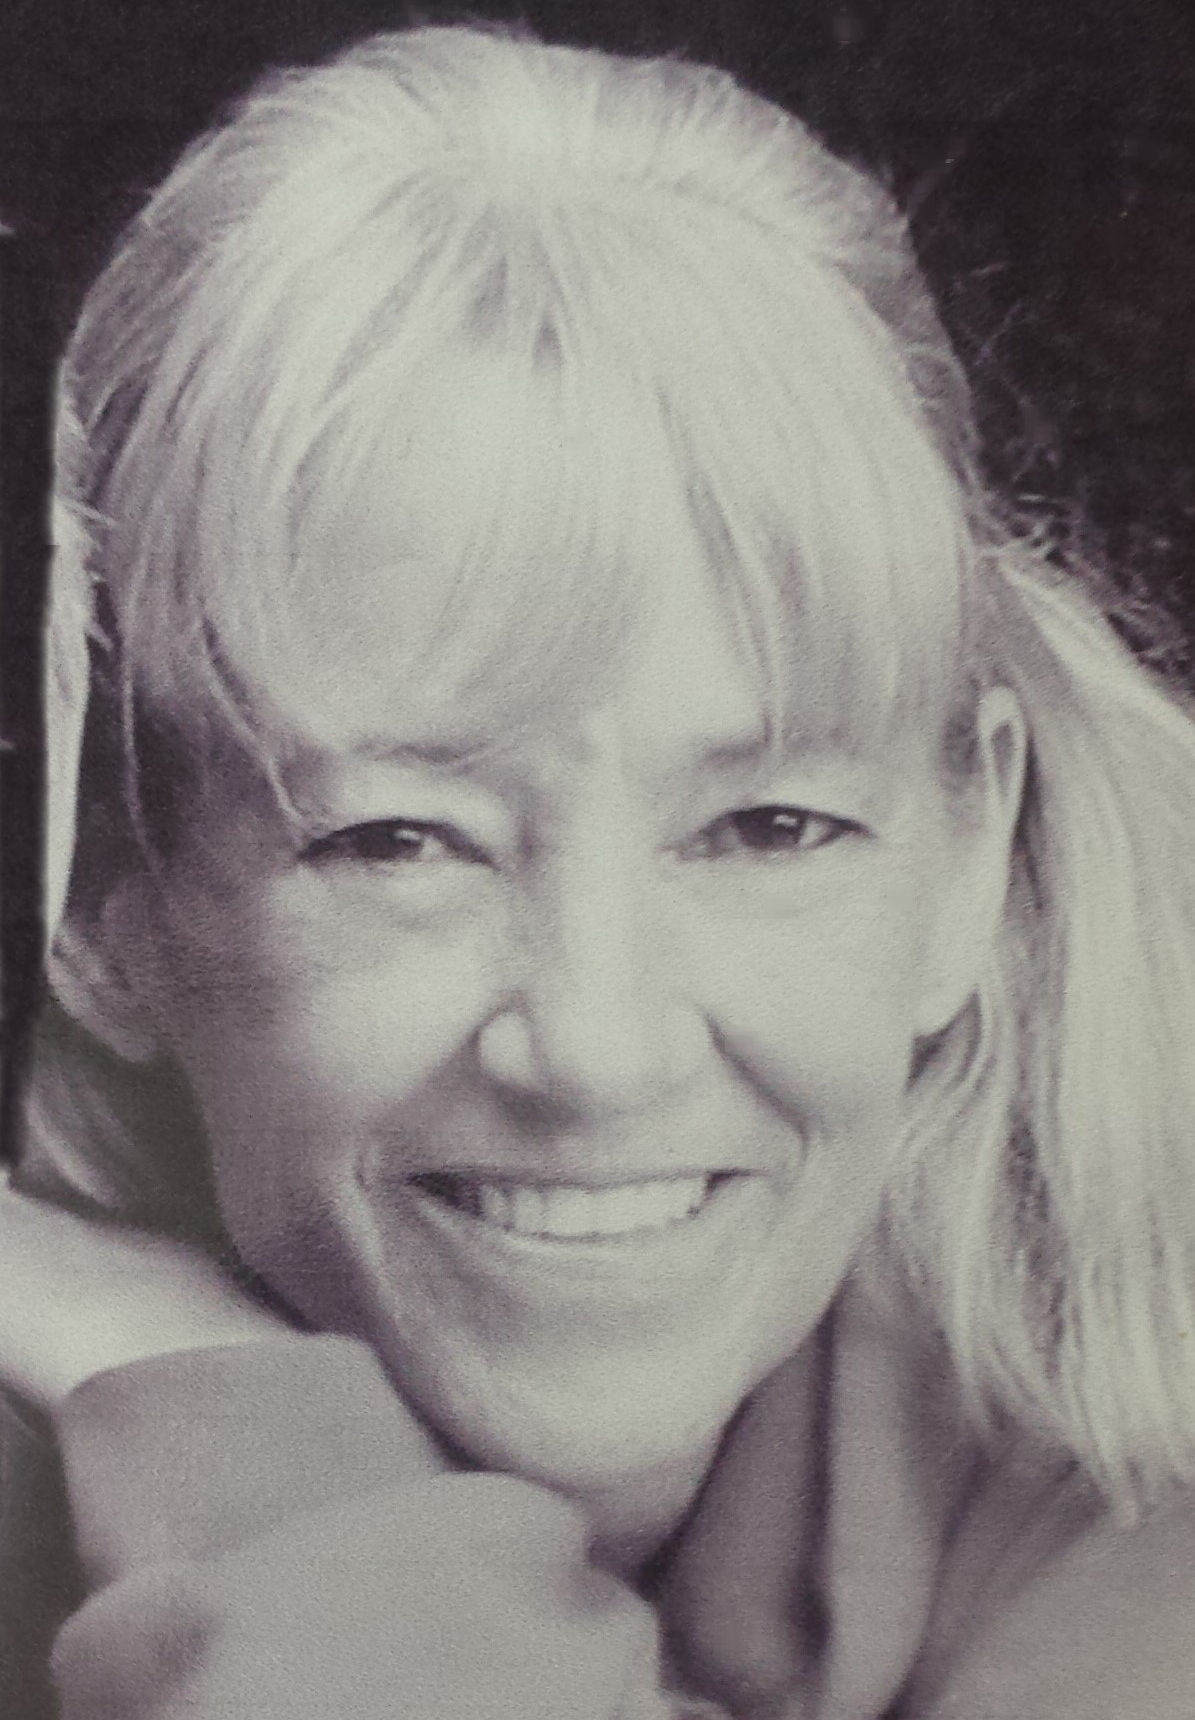 Marjorie Weaver images